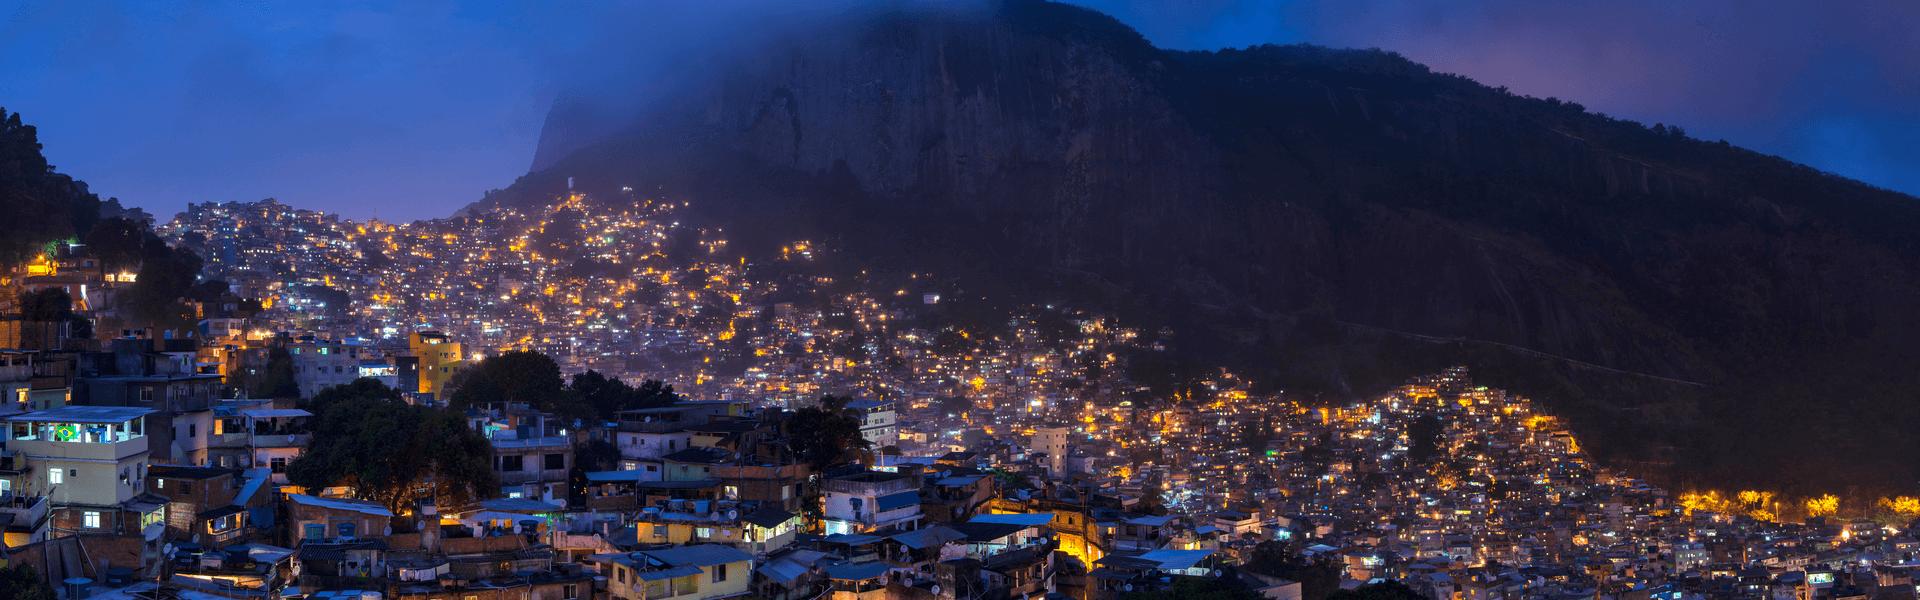 מבט פנורמי על הפאבלות בריו דה ז'ניירו, באדיבות ויקימדיה C3.0